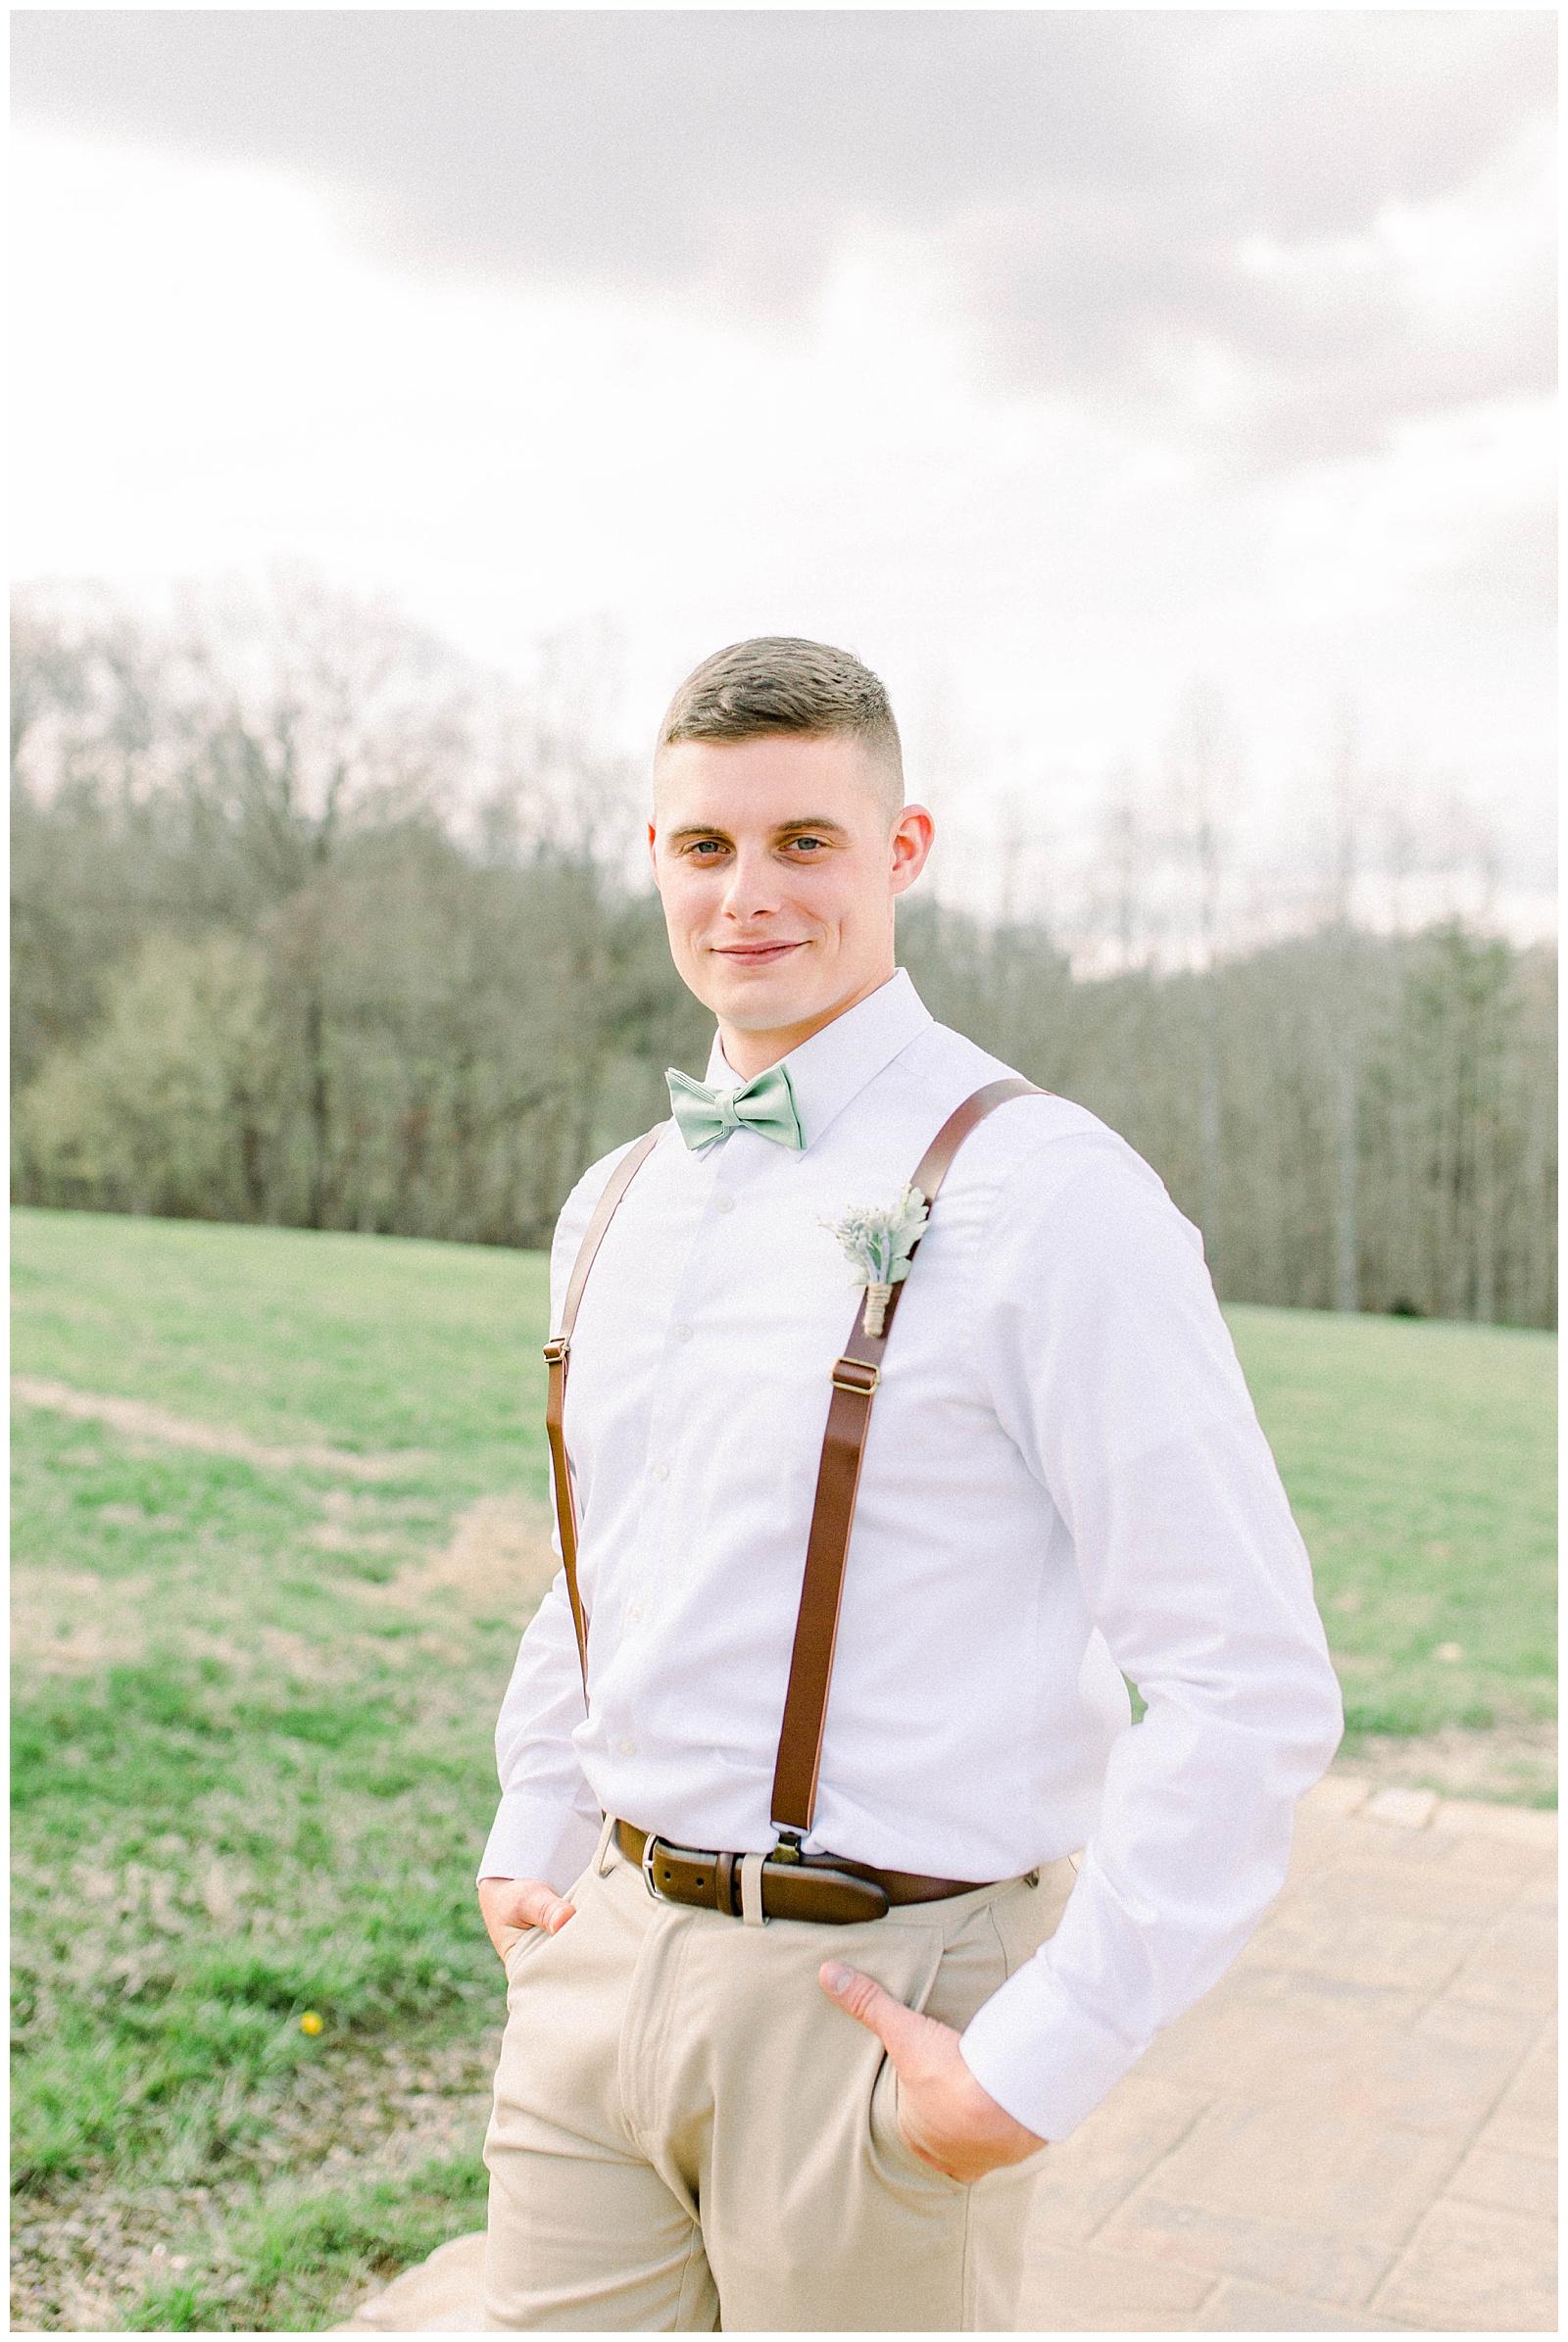 Lewis-Kara-Blakeman-Photography-Huntington-West-Virginia-Wedding-Barn-Olde-Homestead-8